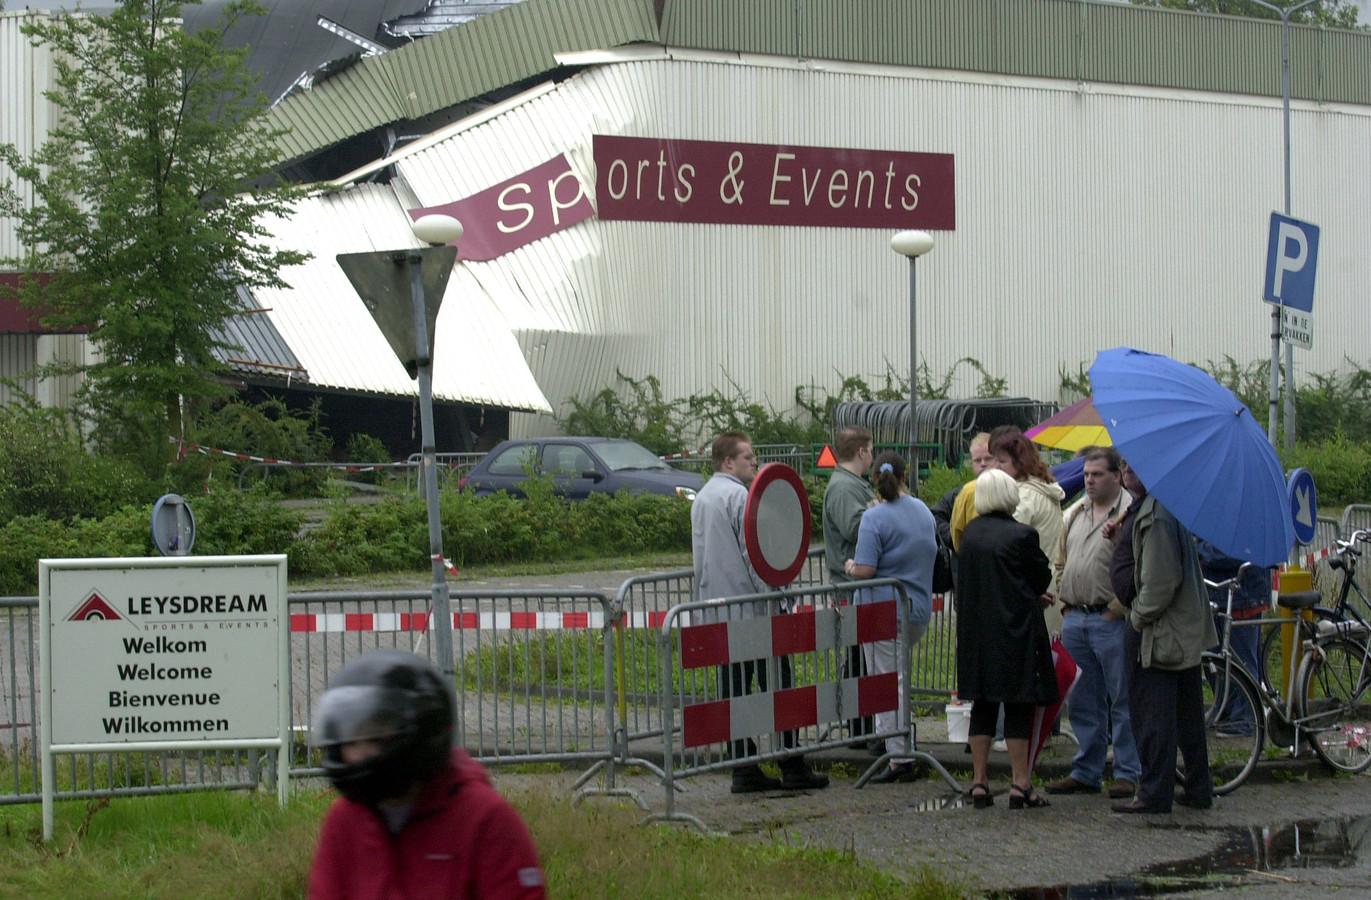 Sportcentrum Leysdream stortte in door de enorme watermassa op het dak.